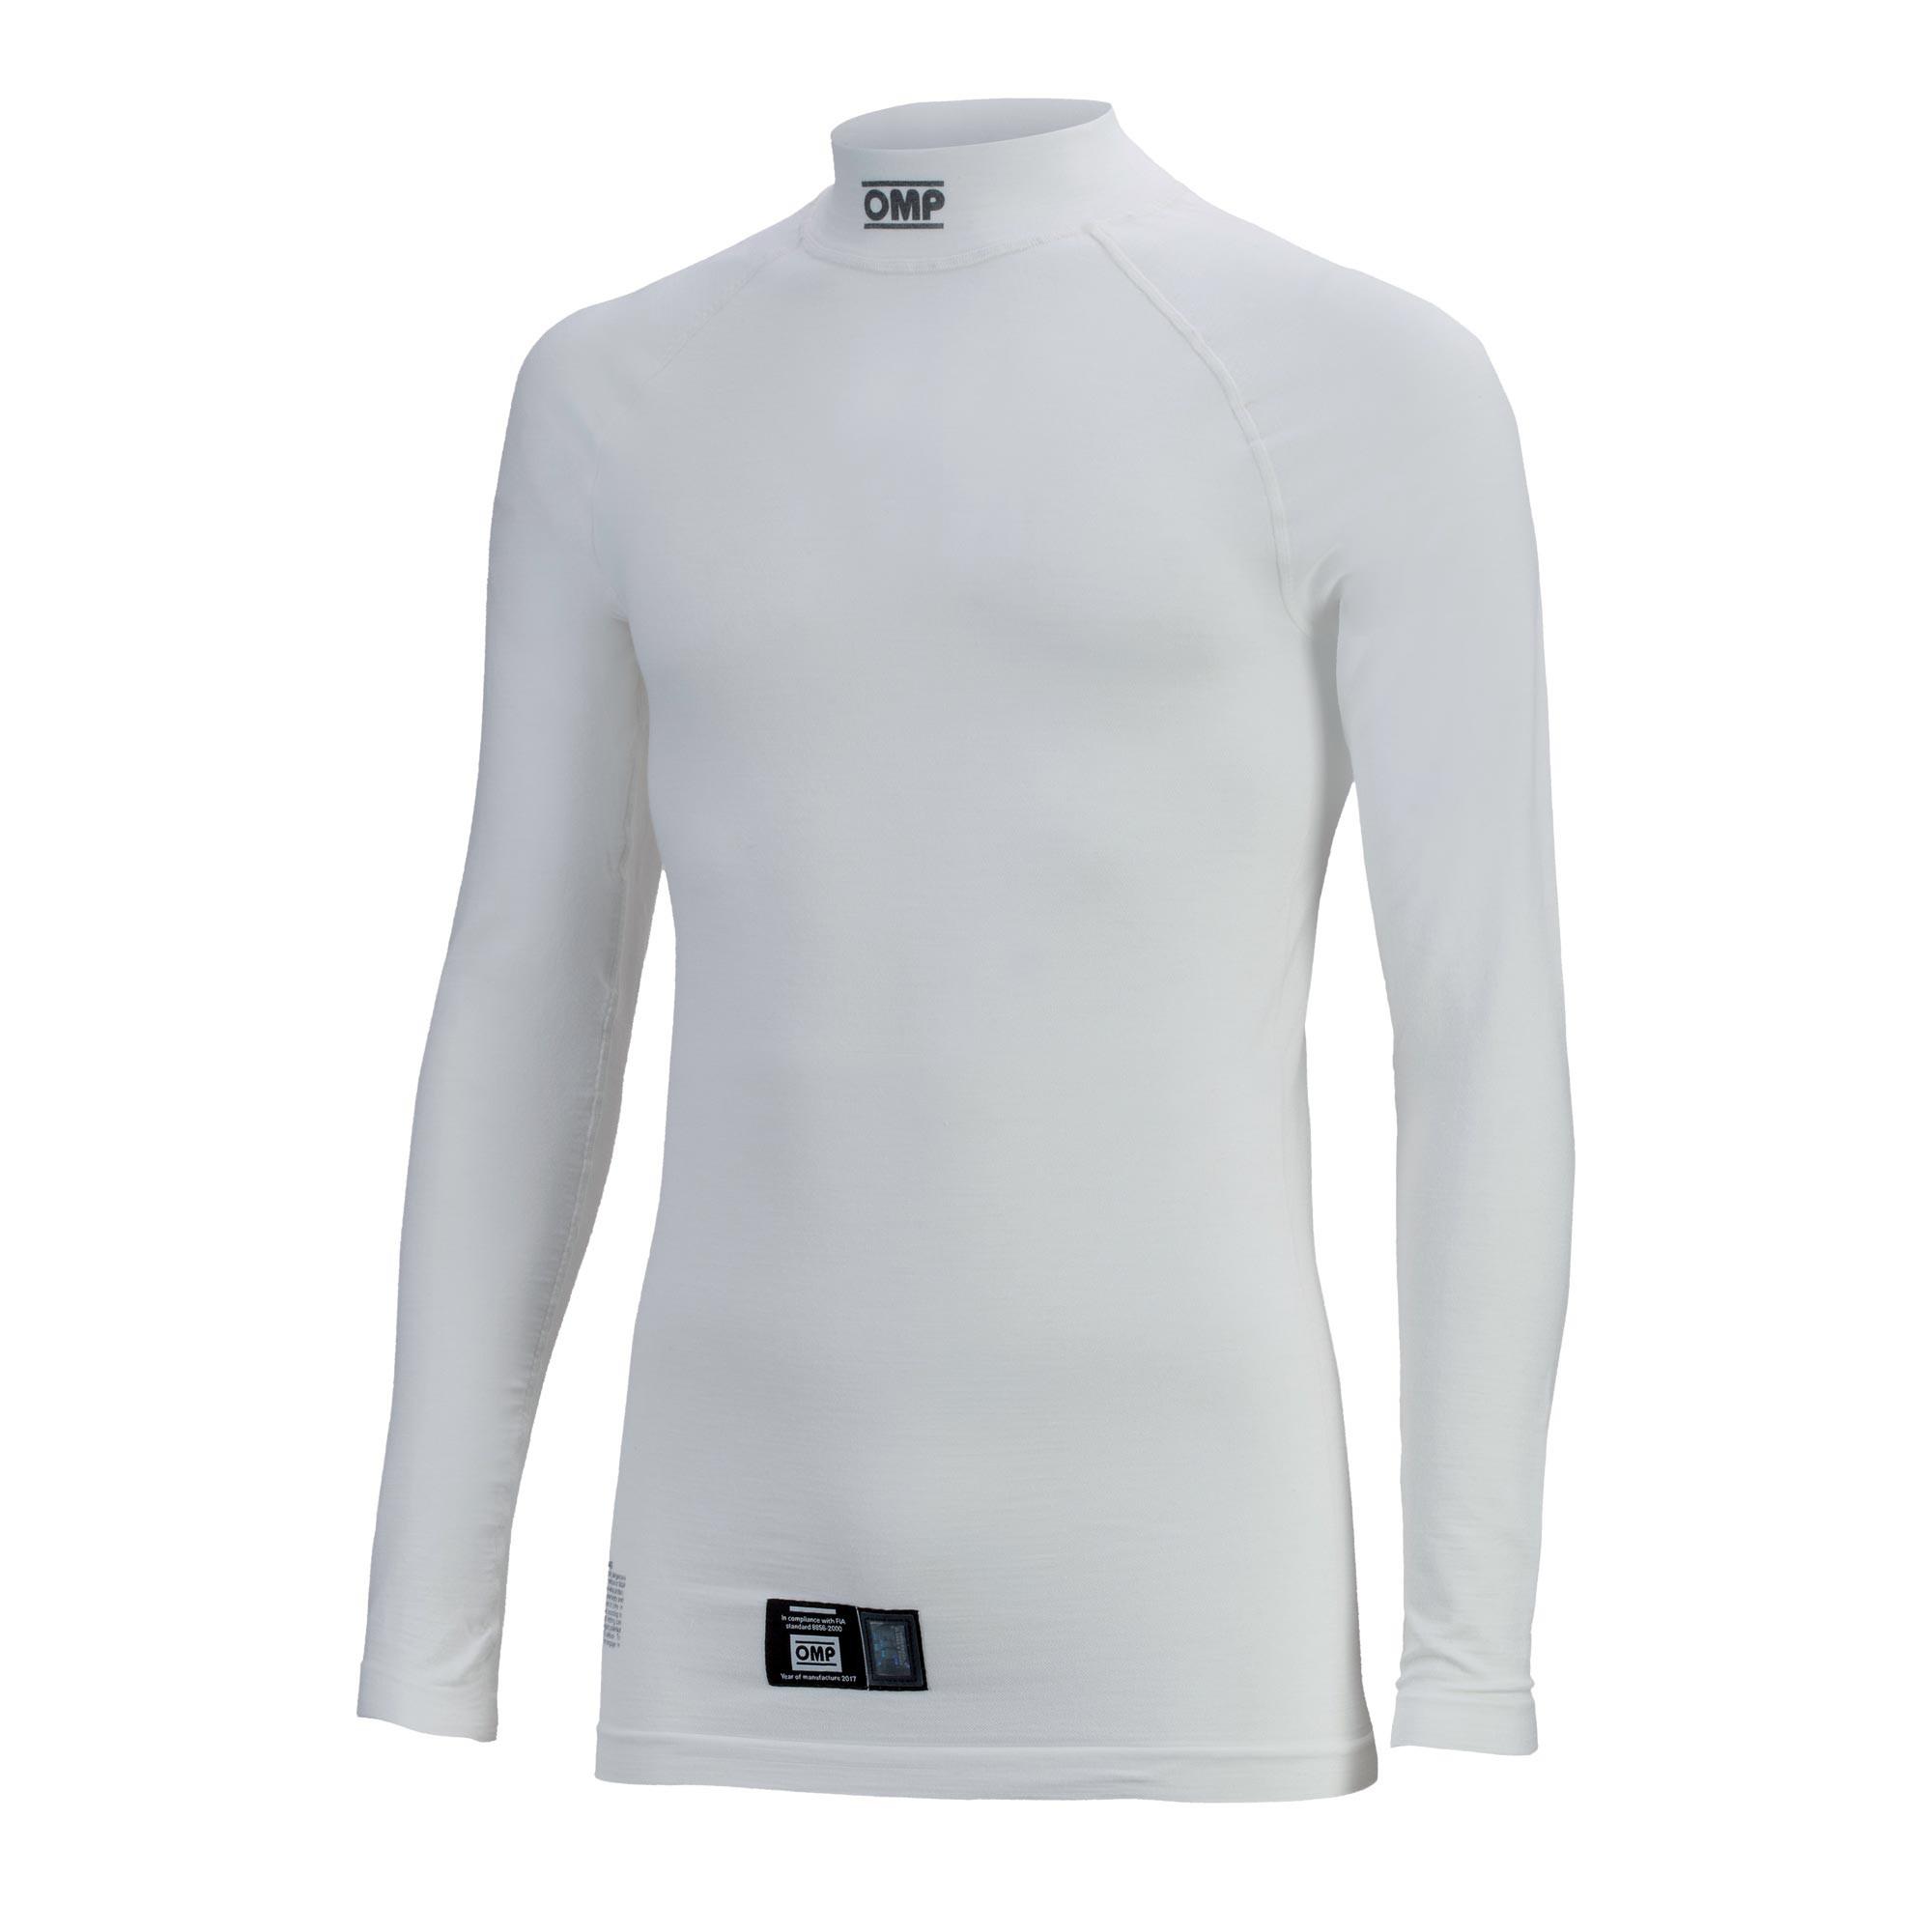 TECNICA TOP WHITE SIZE M/L